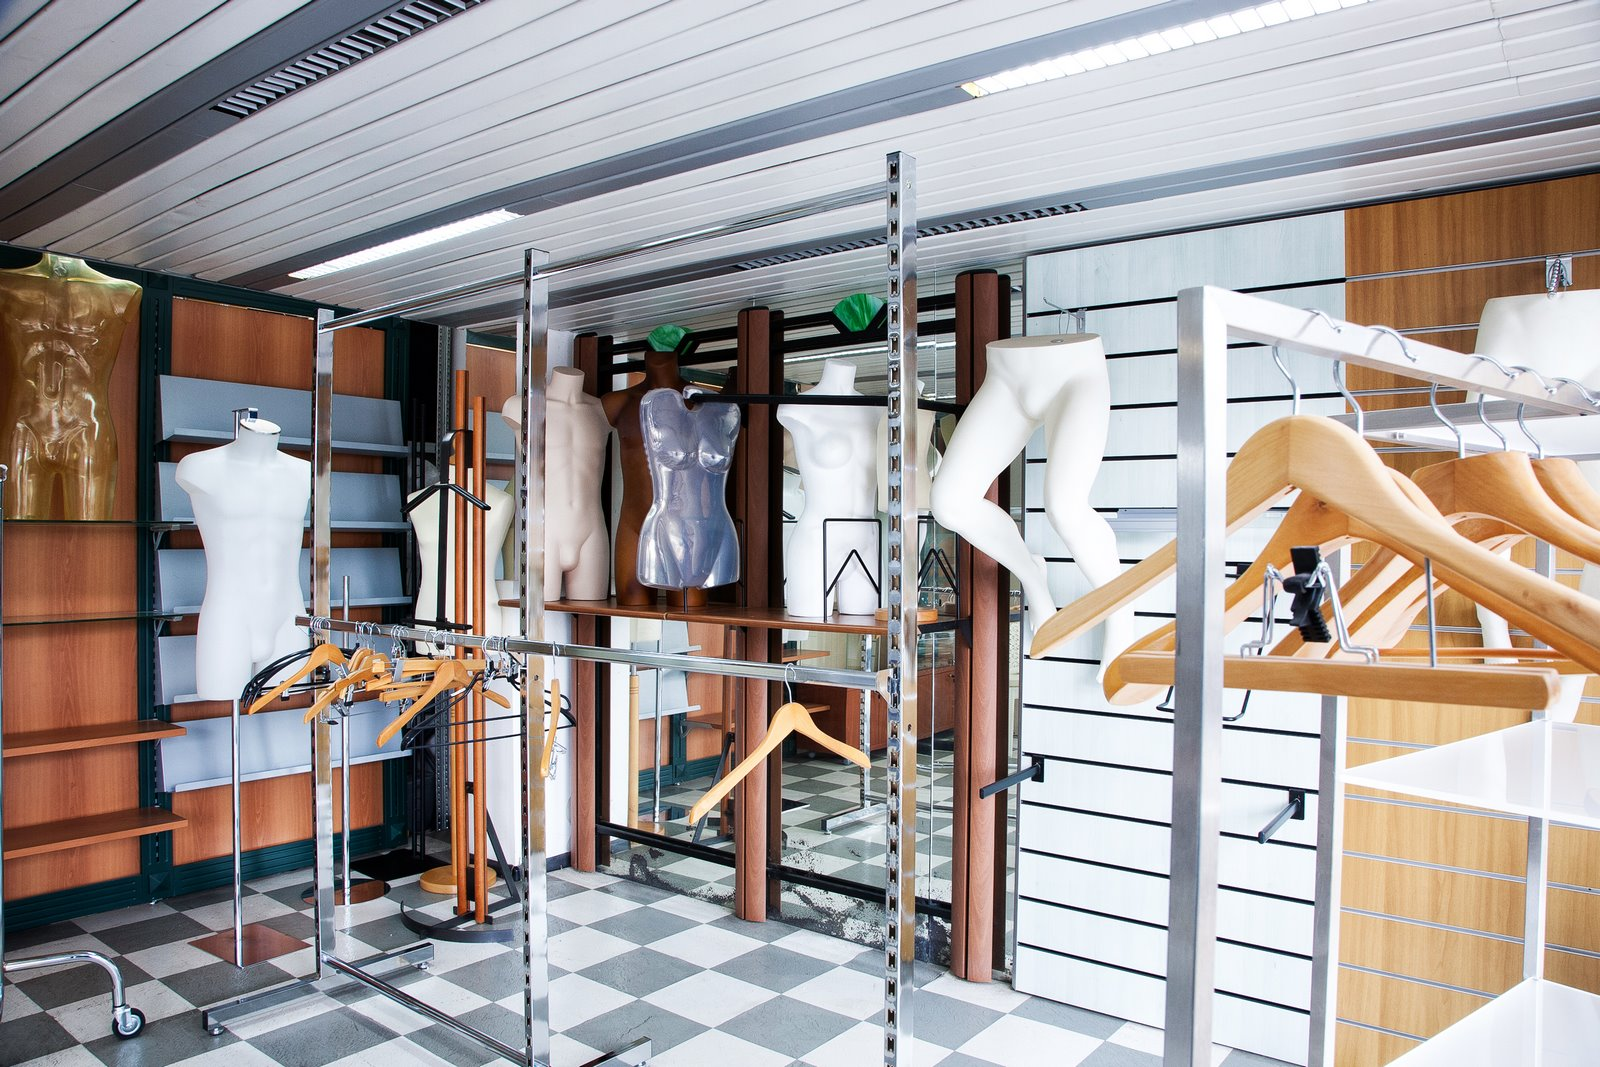 Scaffalature e armadi metalliche per magazzini e archivi